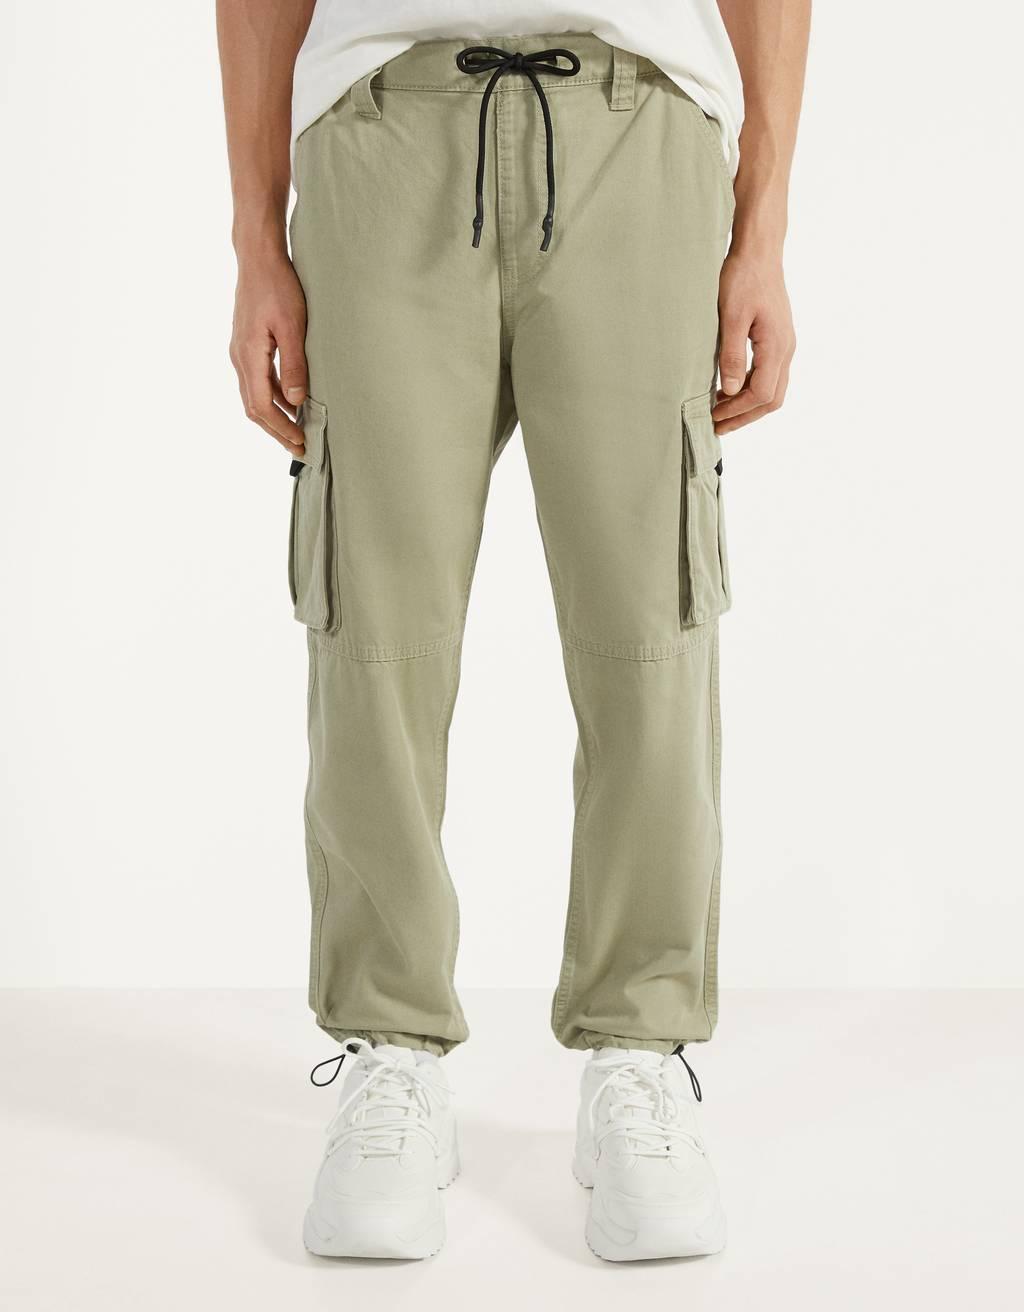 Pantalón jogger cargo